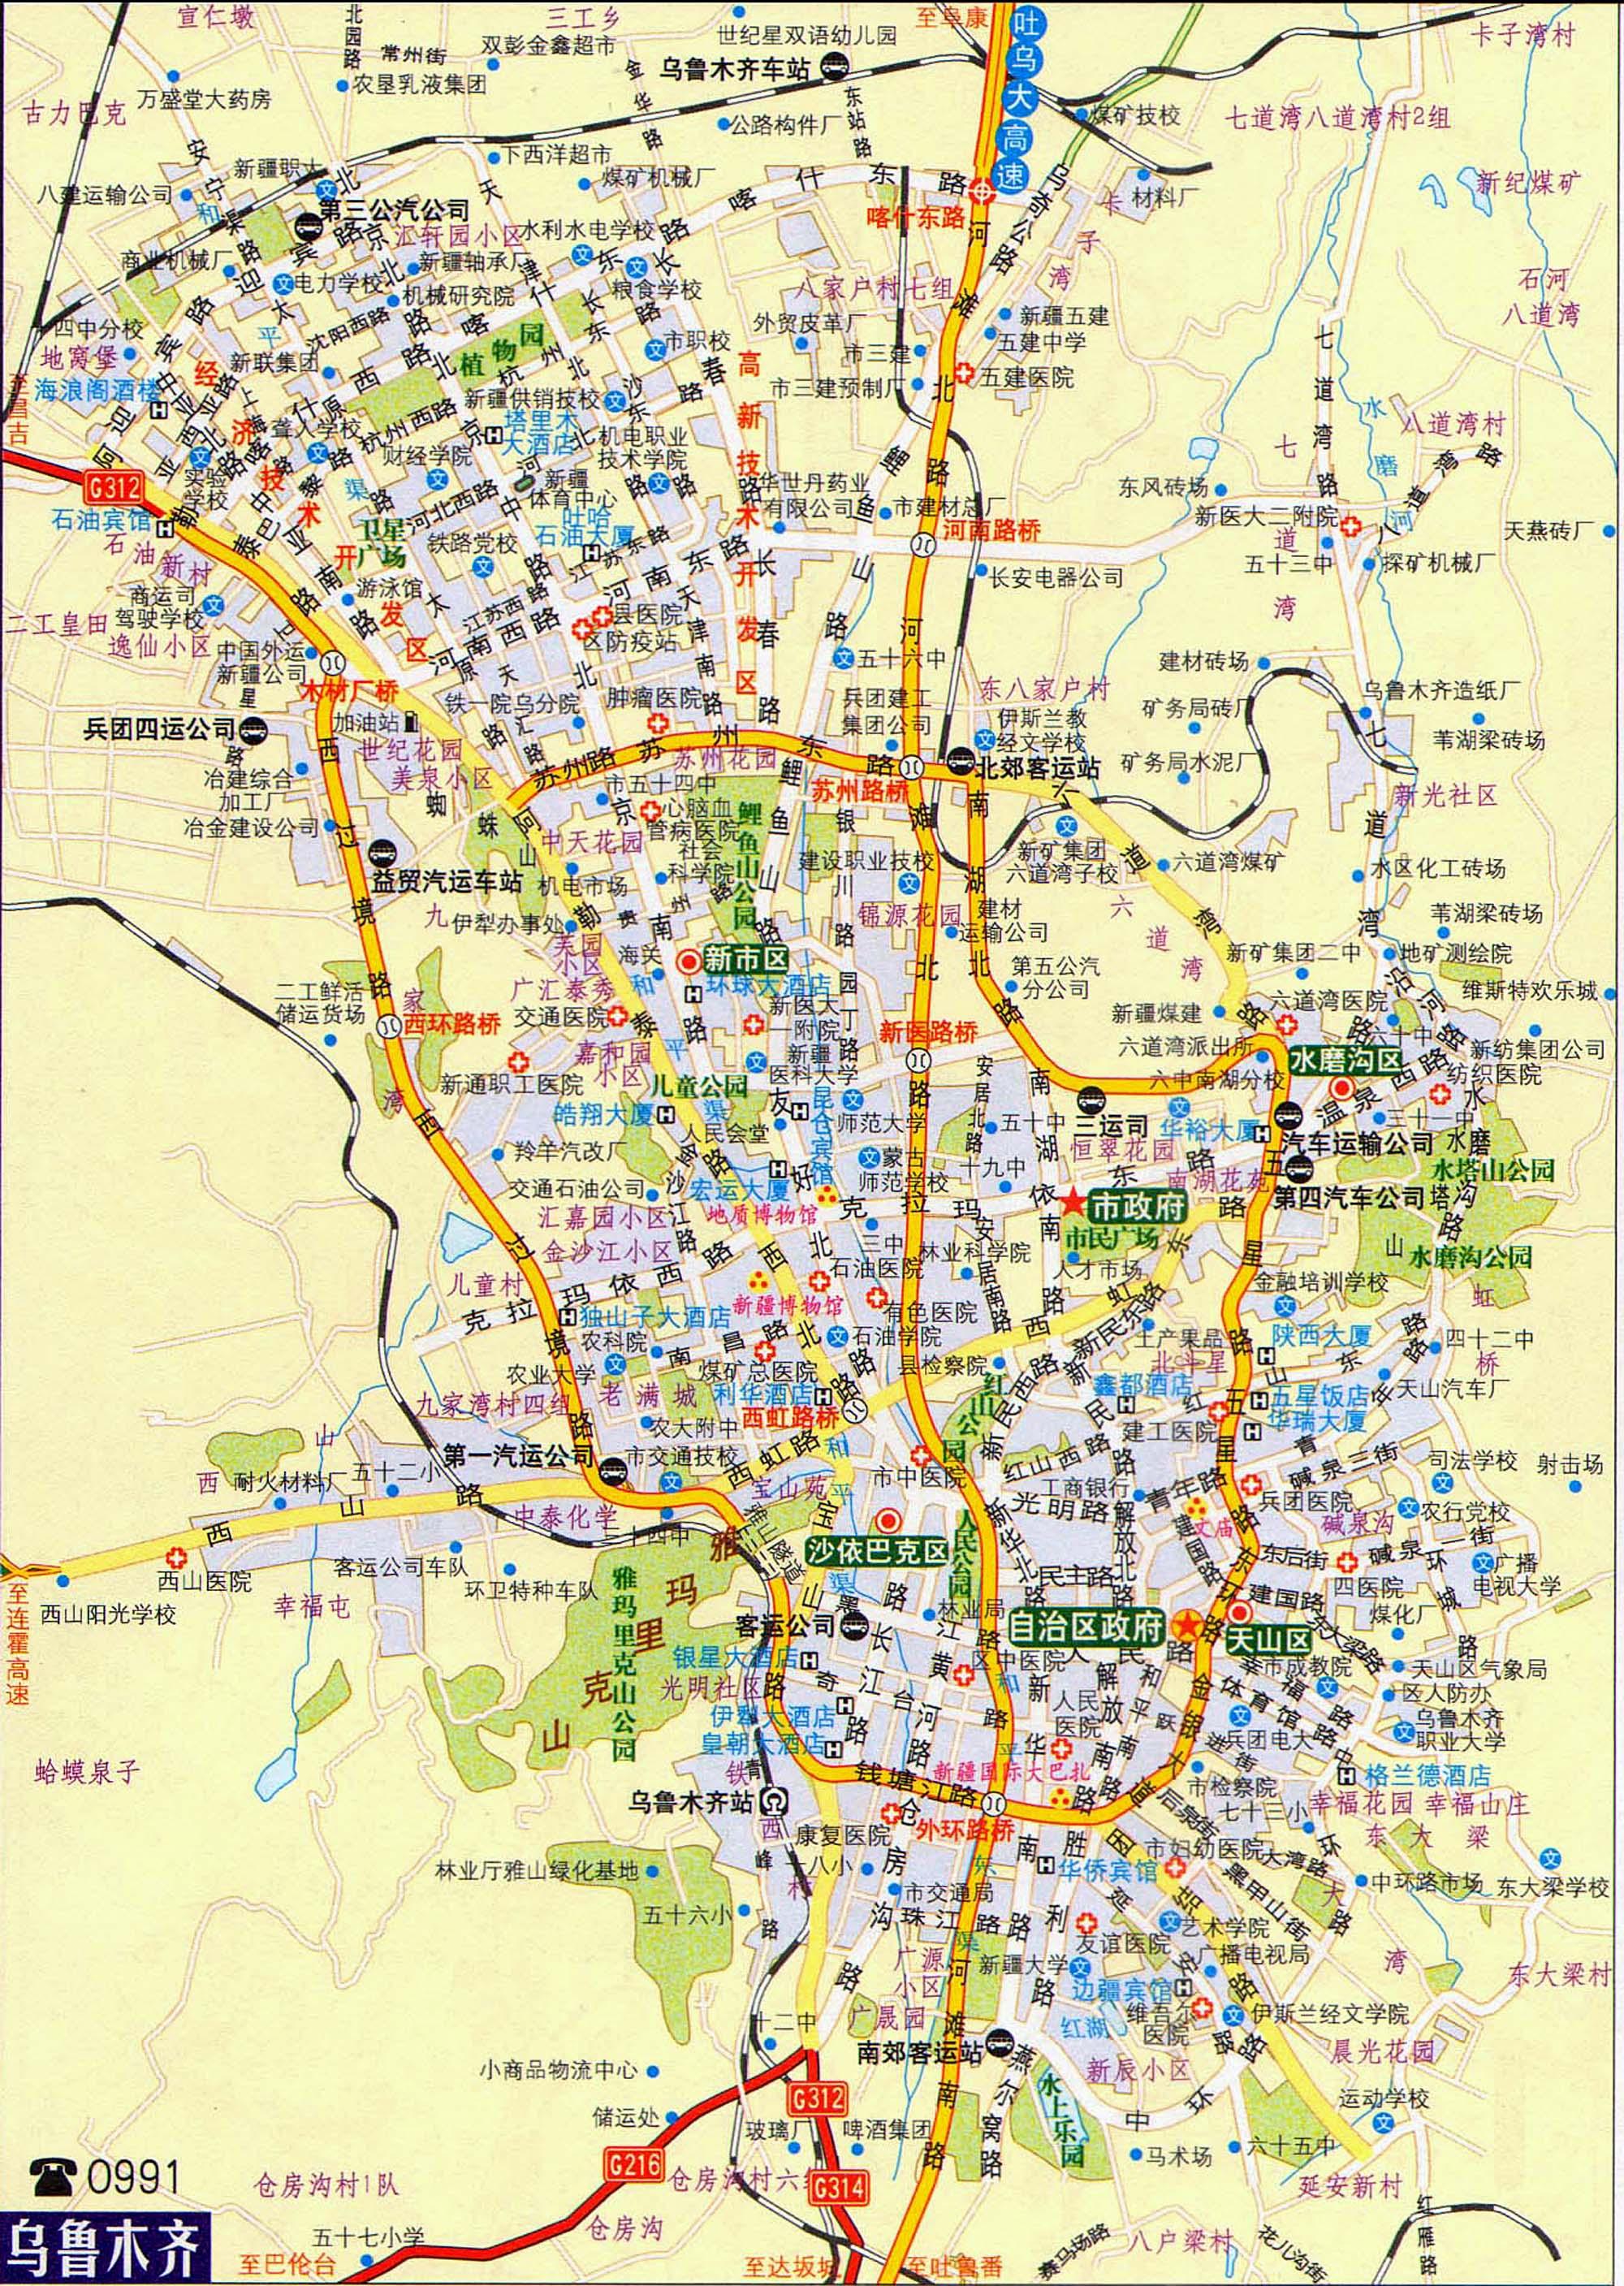 铁路线路图  国道线路图  高速线路图  高速公路网  公路地图集